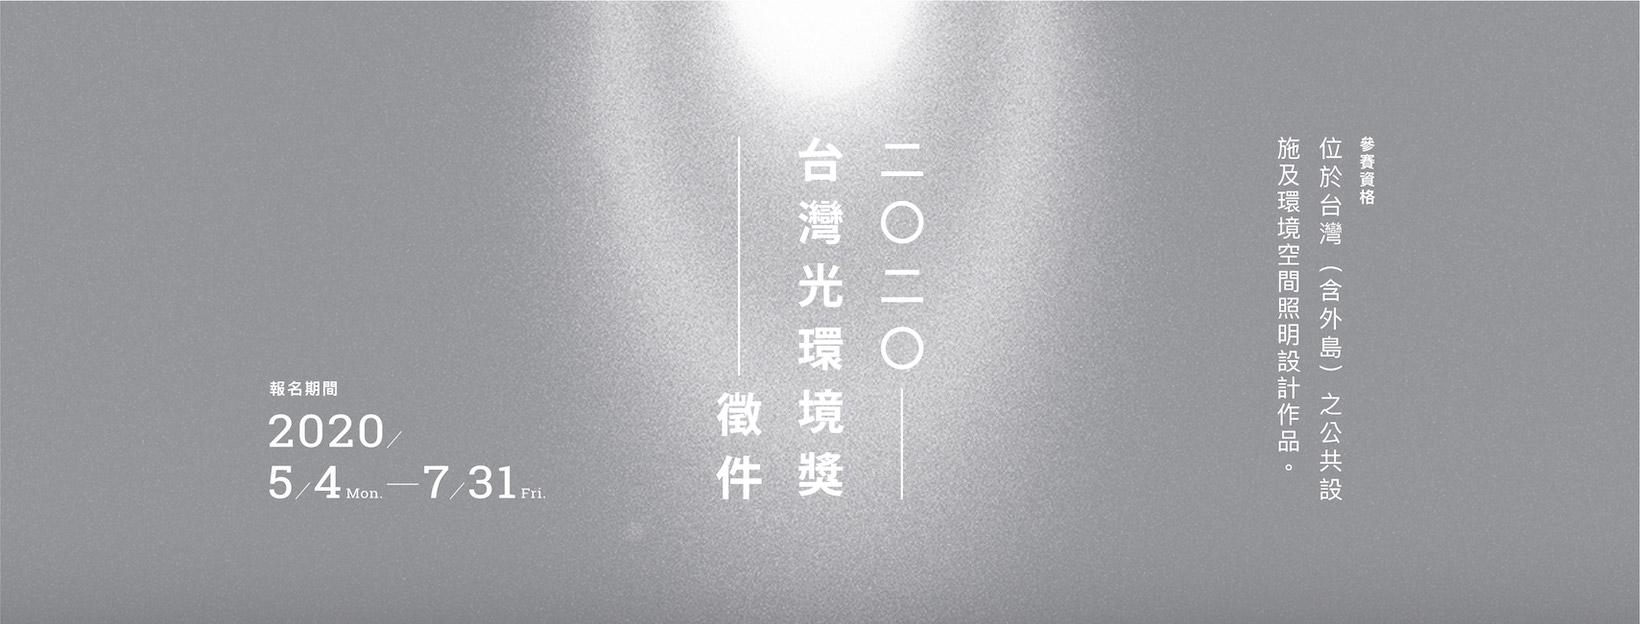 2020「台灣光環境獎」報名開始囉